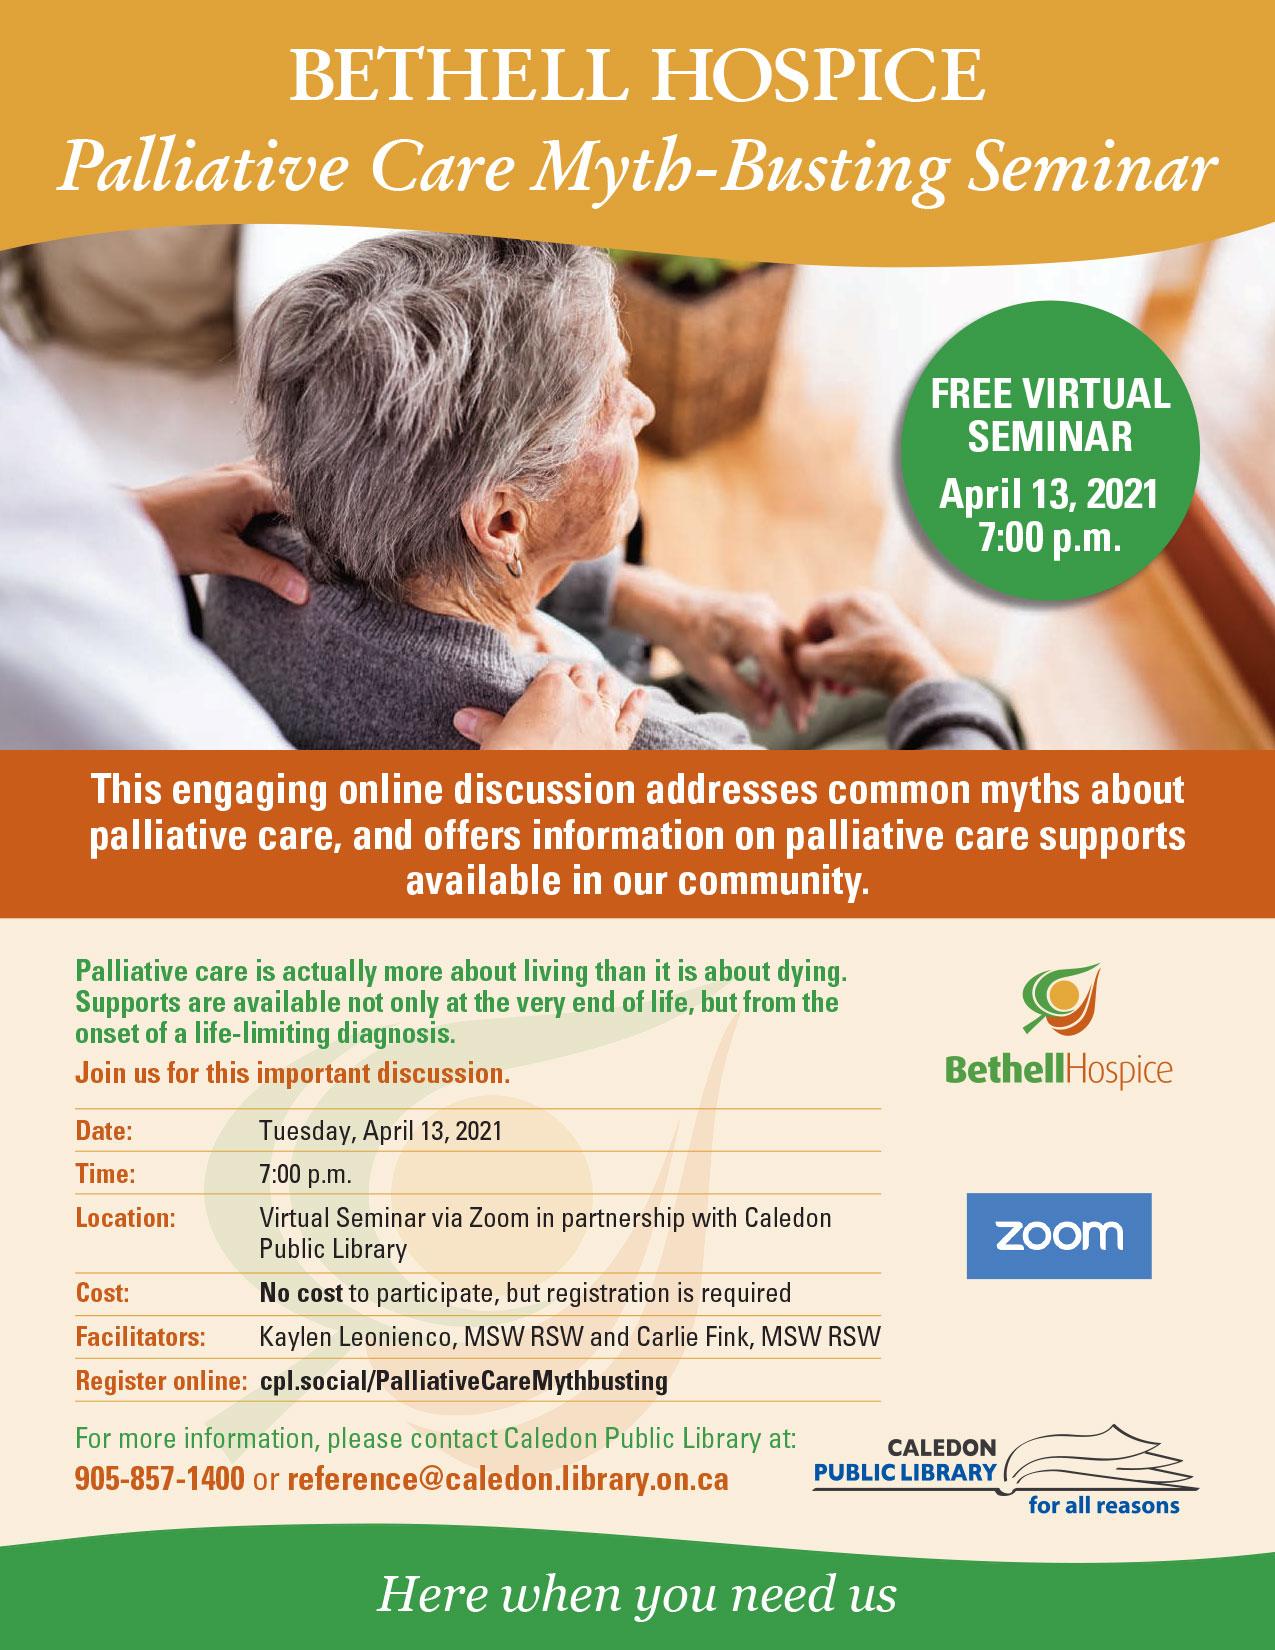 Palliative Care Myth-Busting Seminar